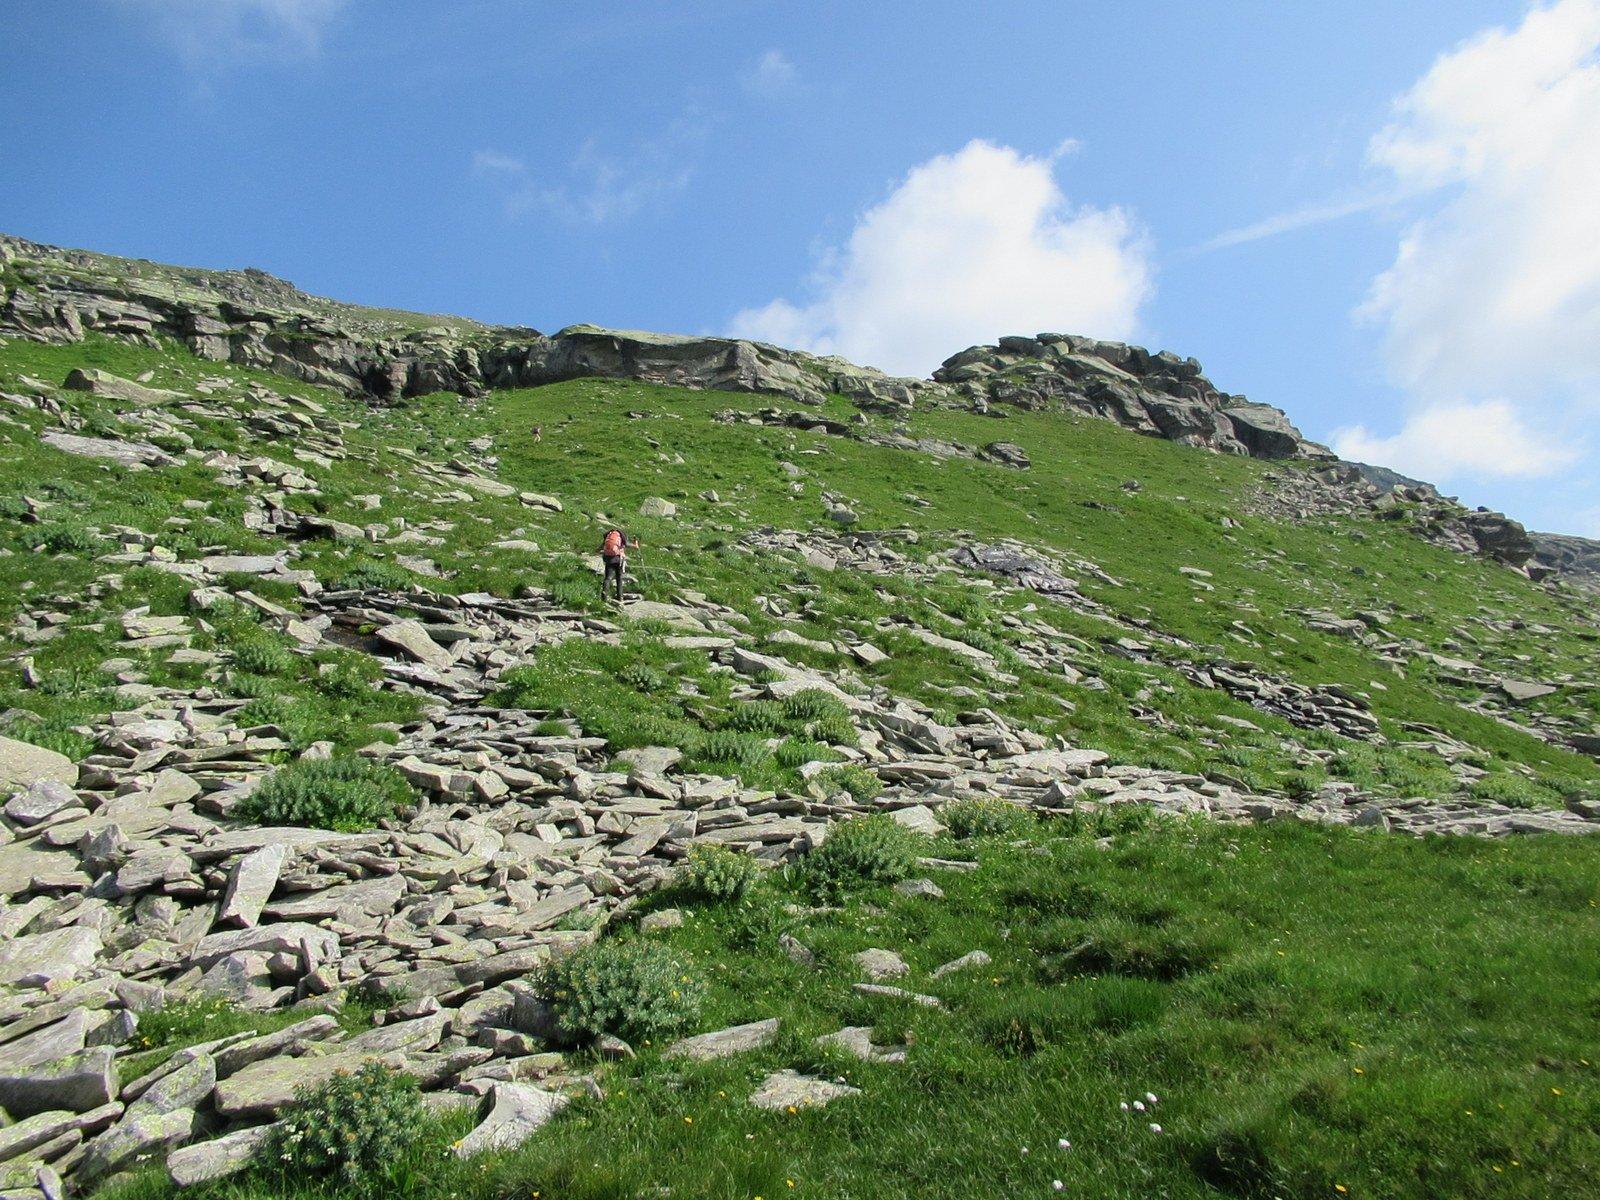 Il dosso roccioso: la traccia passa a sinistra